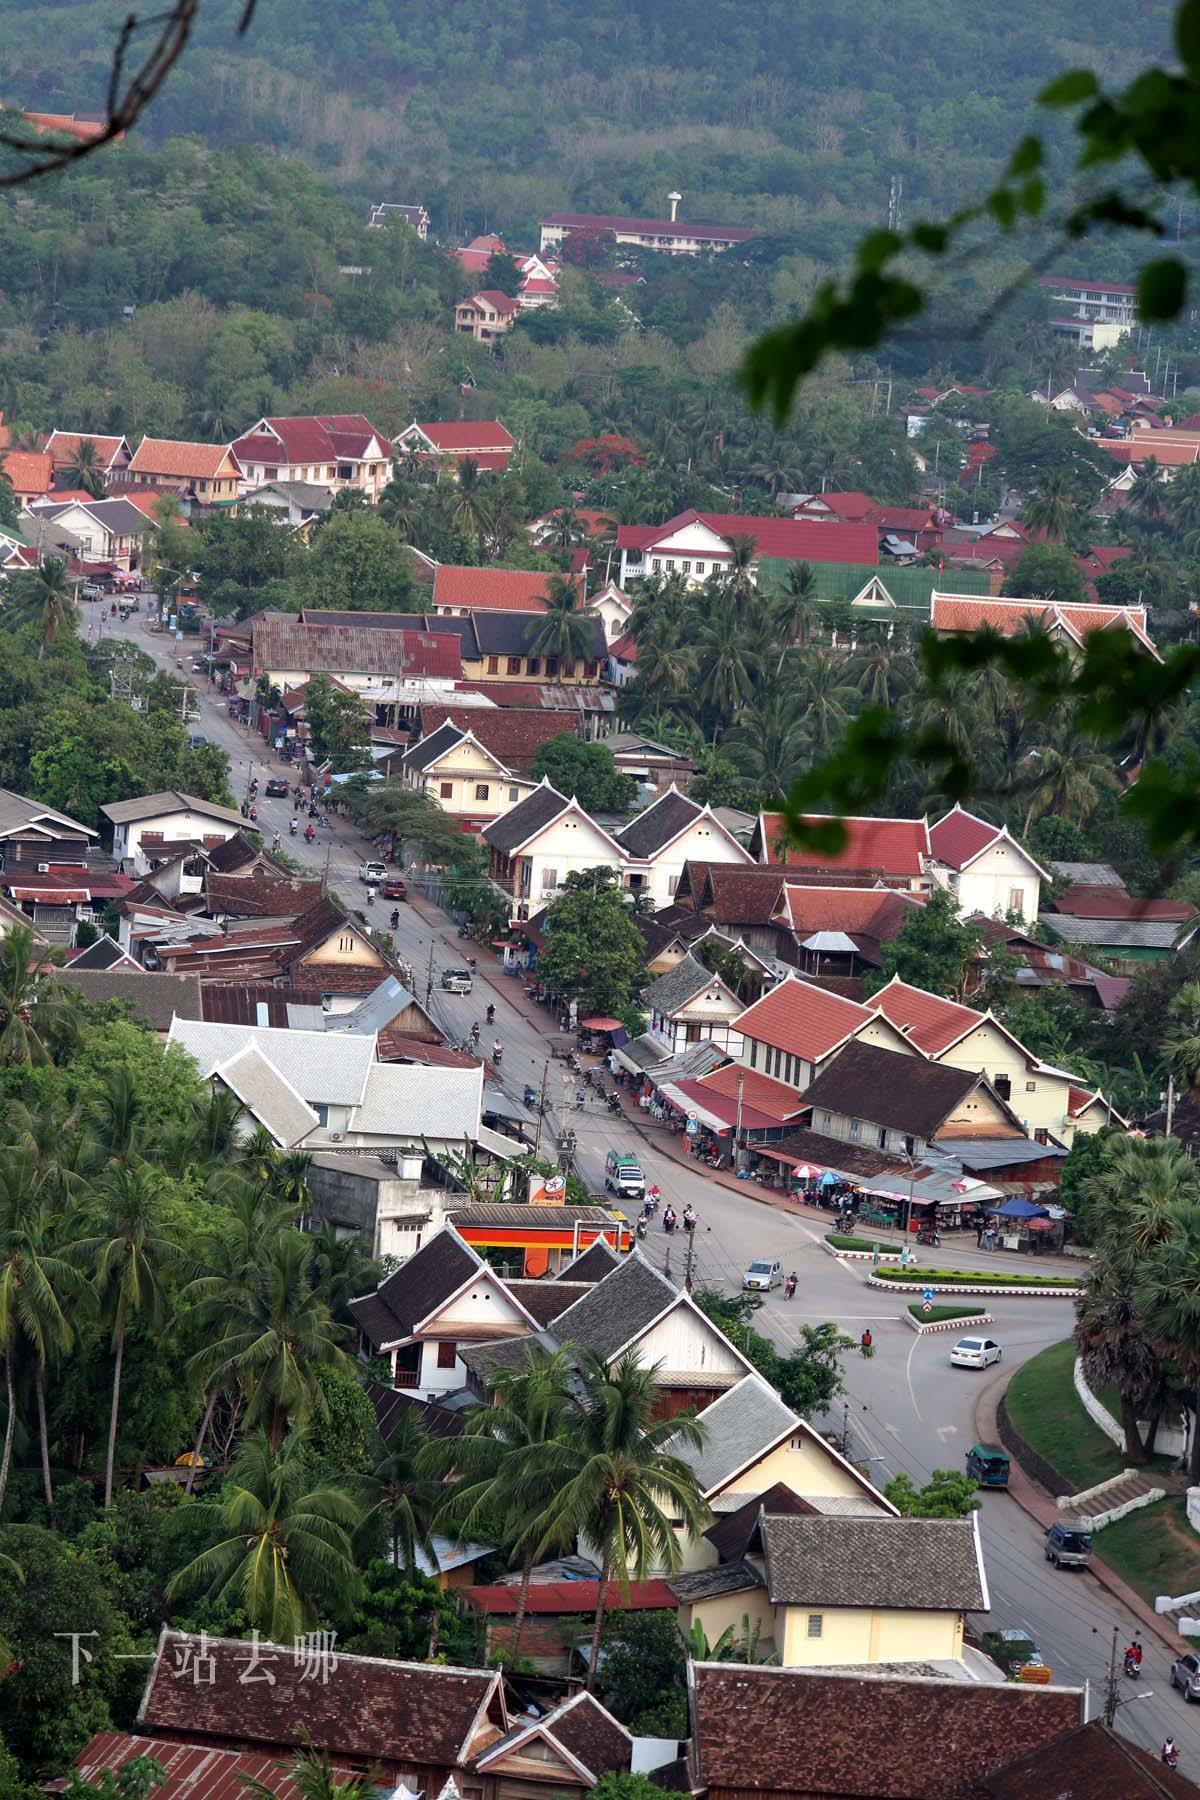 龍坡邦街景。